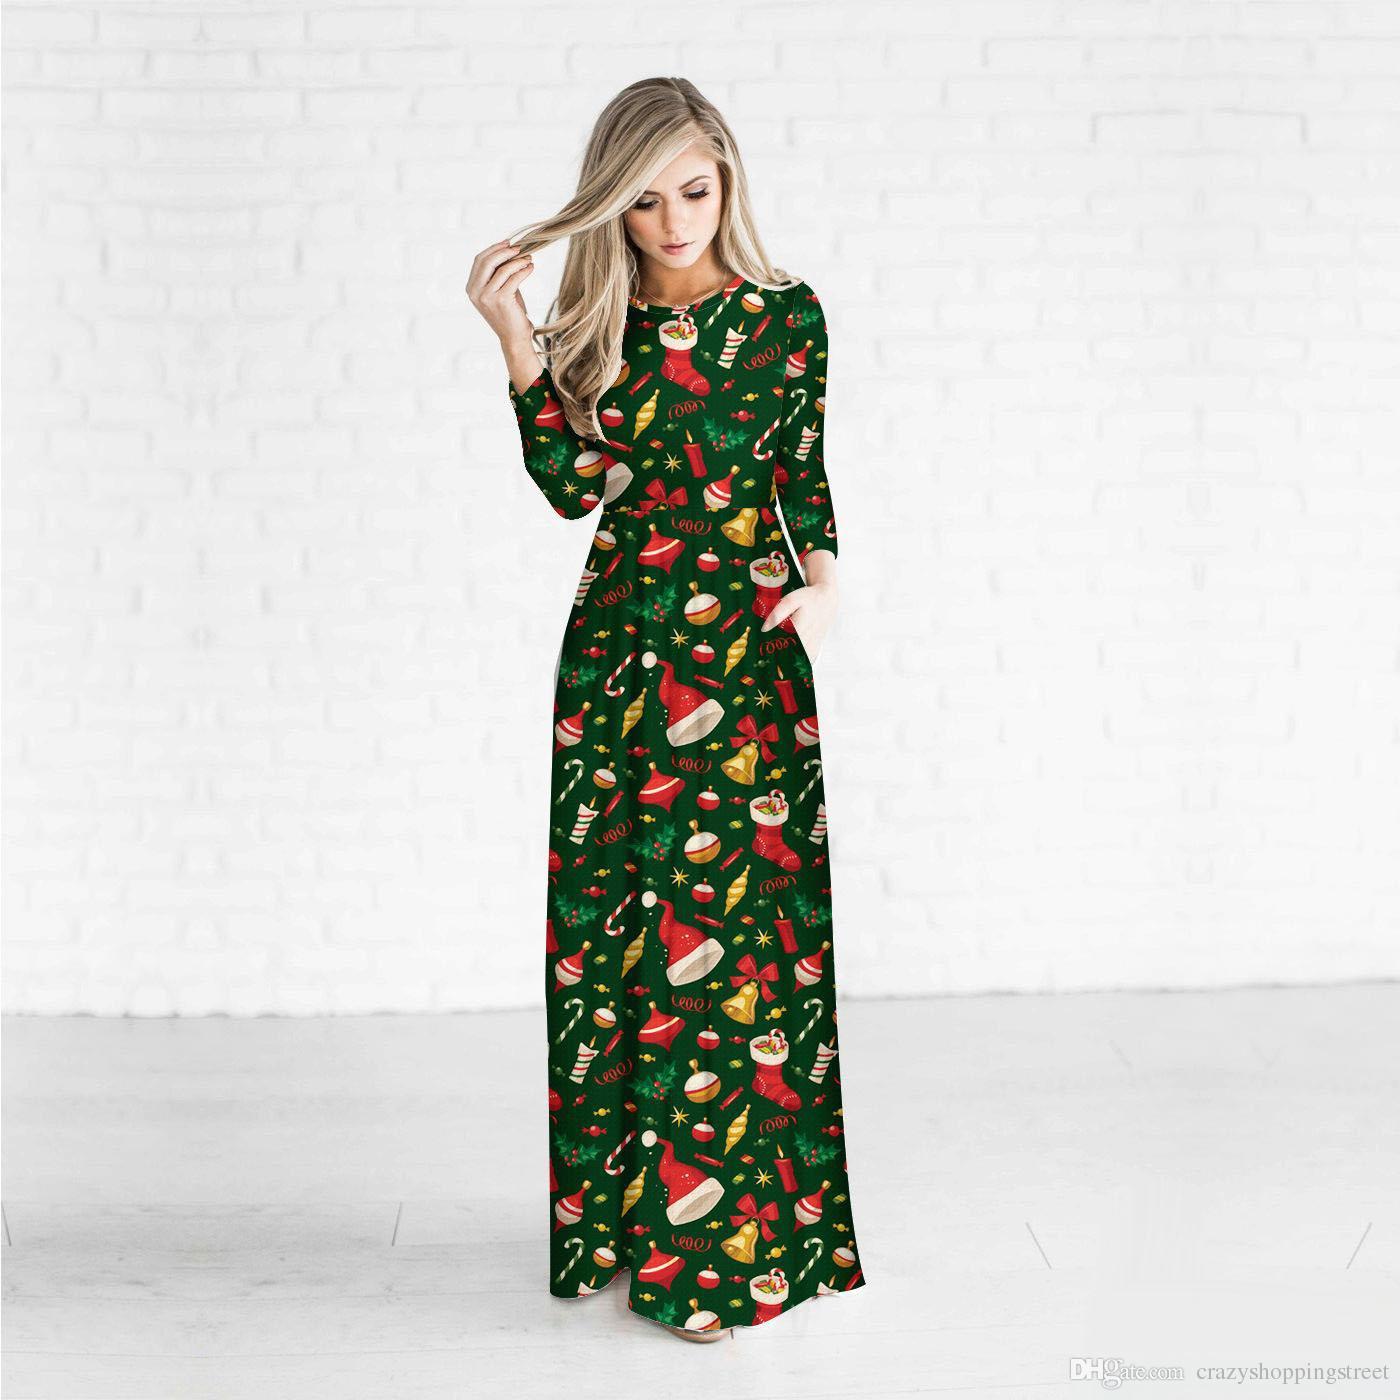 dbb10613017ab Satın Al Şık Noel Dekorasyon Giyim Dijital Baskı Uzun Kollu Günlük  Elbiseler Sonbahar Ve Kış Kişilik Uzun Elbise Kadınlar, $22.62    DHgate.Com'da